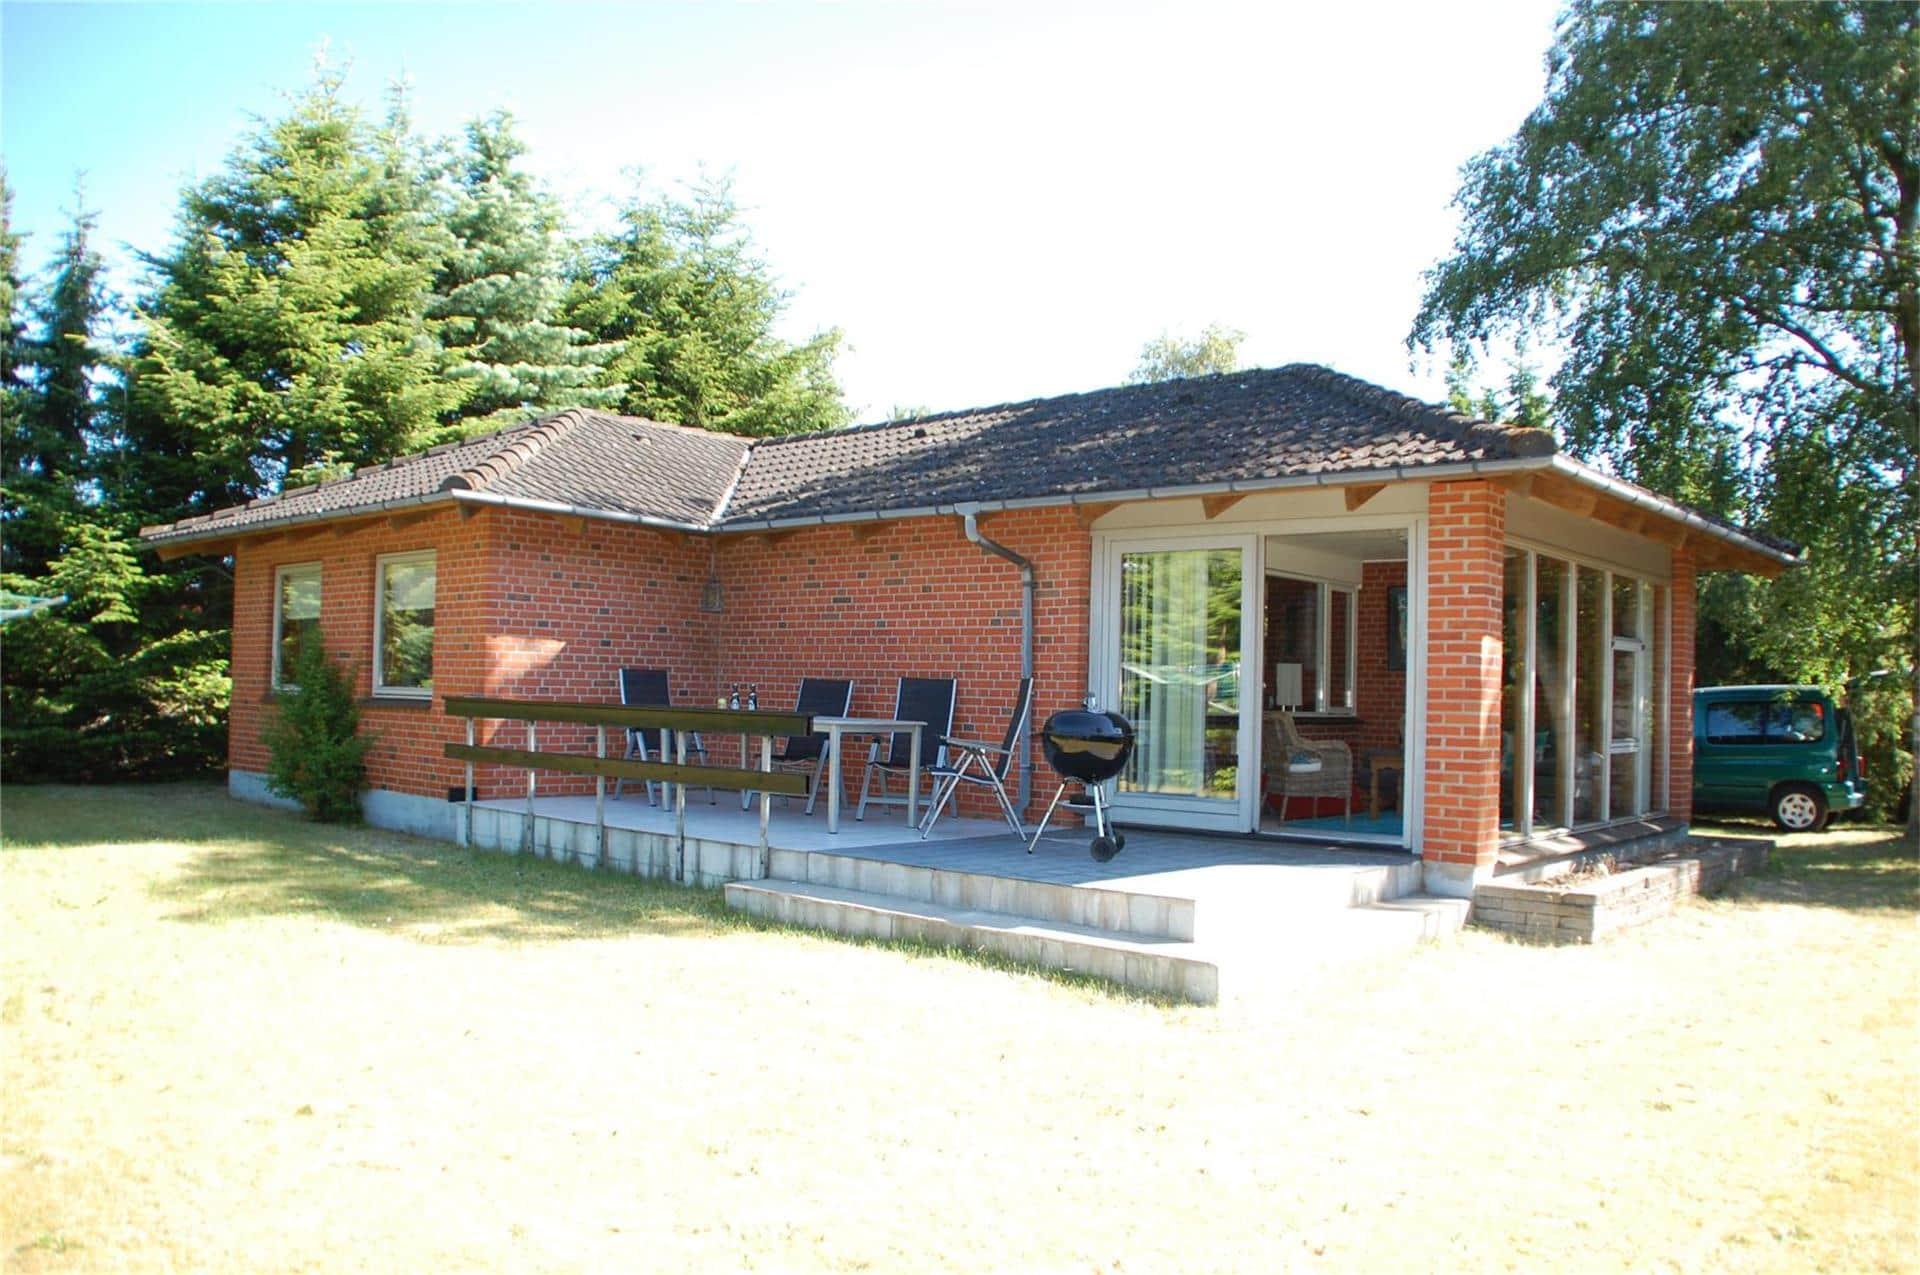 Billede 1-3 Sommerhus M64212, Castorvej 13, DK - 5500 Middelfart